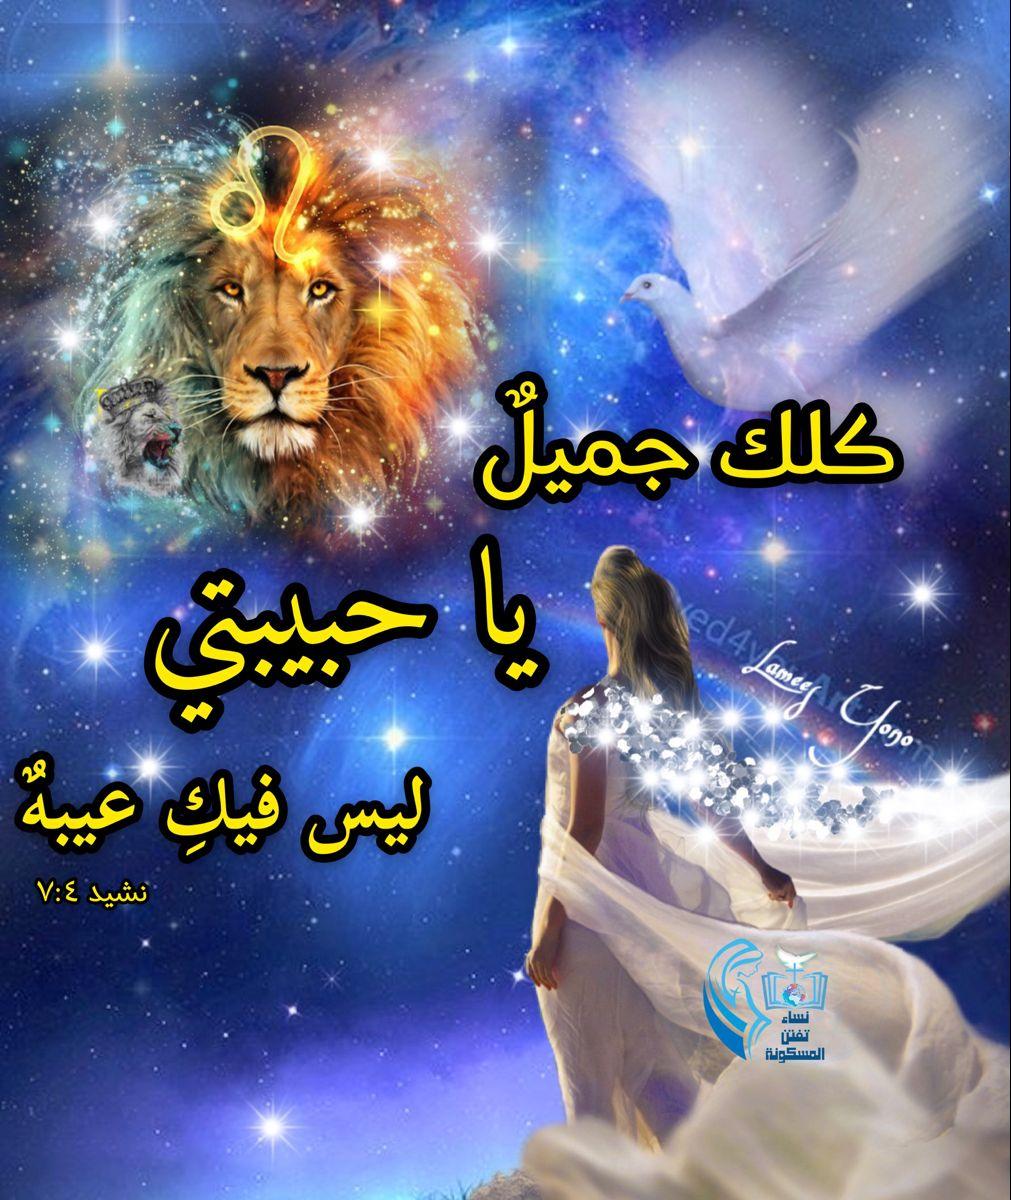 كلك جميله يا حبيبتي Jesus Quotes Bible Son Of God